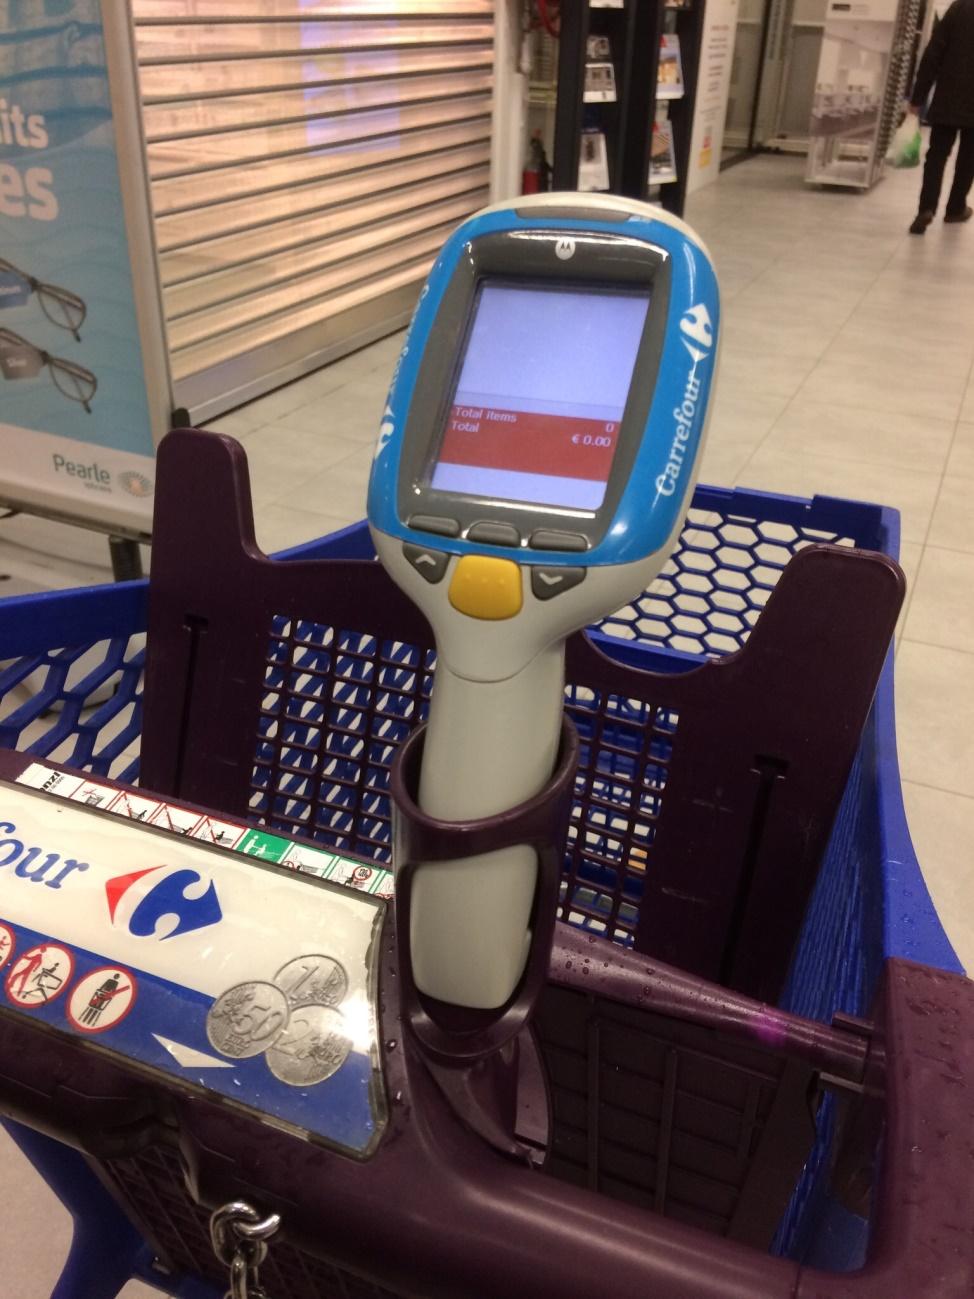 ベルギーのハイパーマーケットでの買い物の仕方を紹介